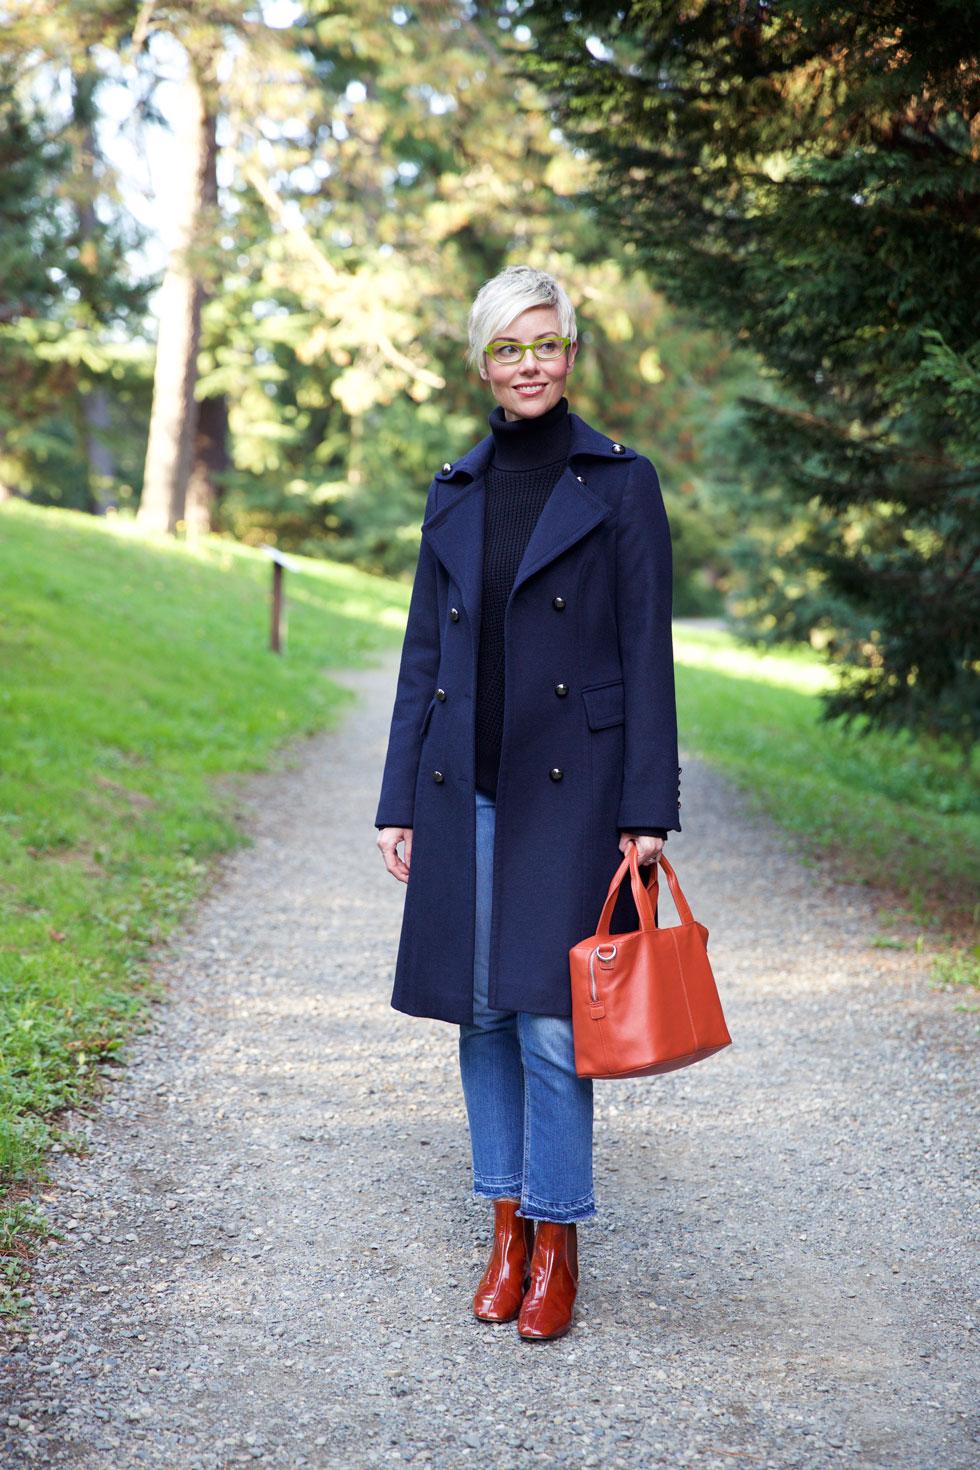 Coat & Bag Full